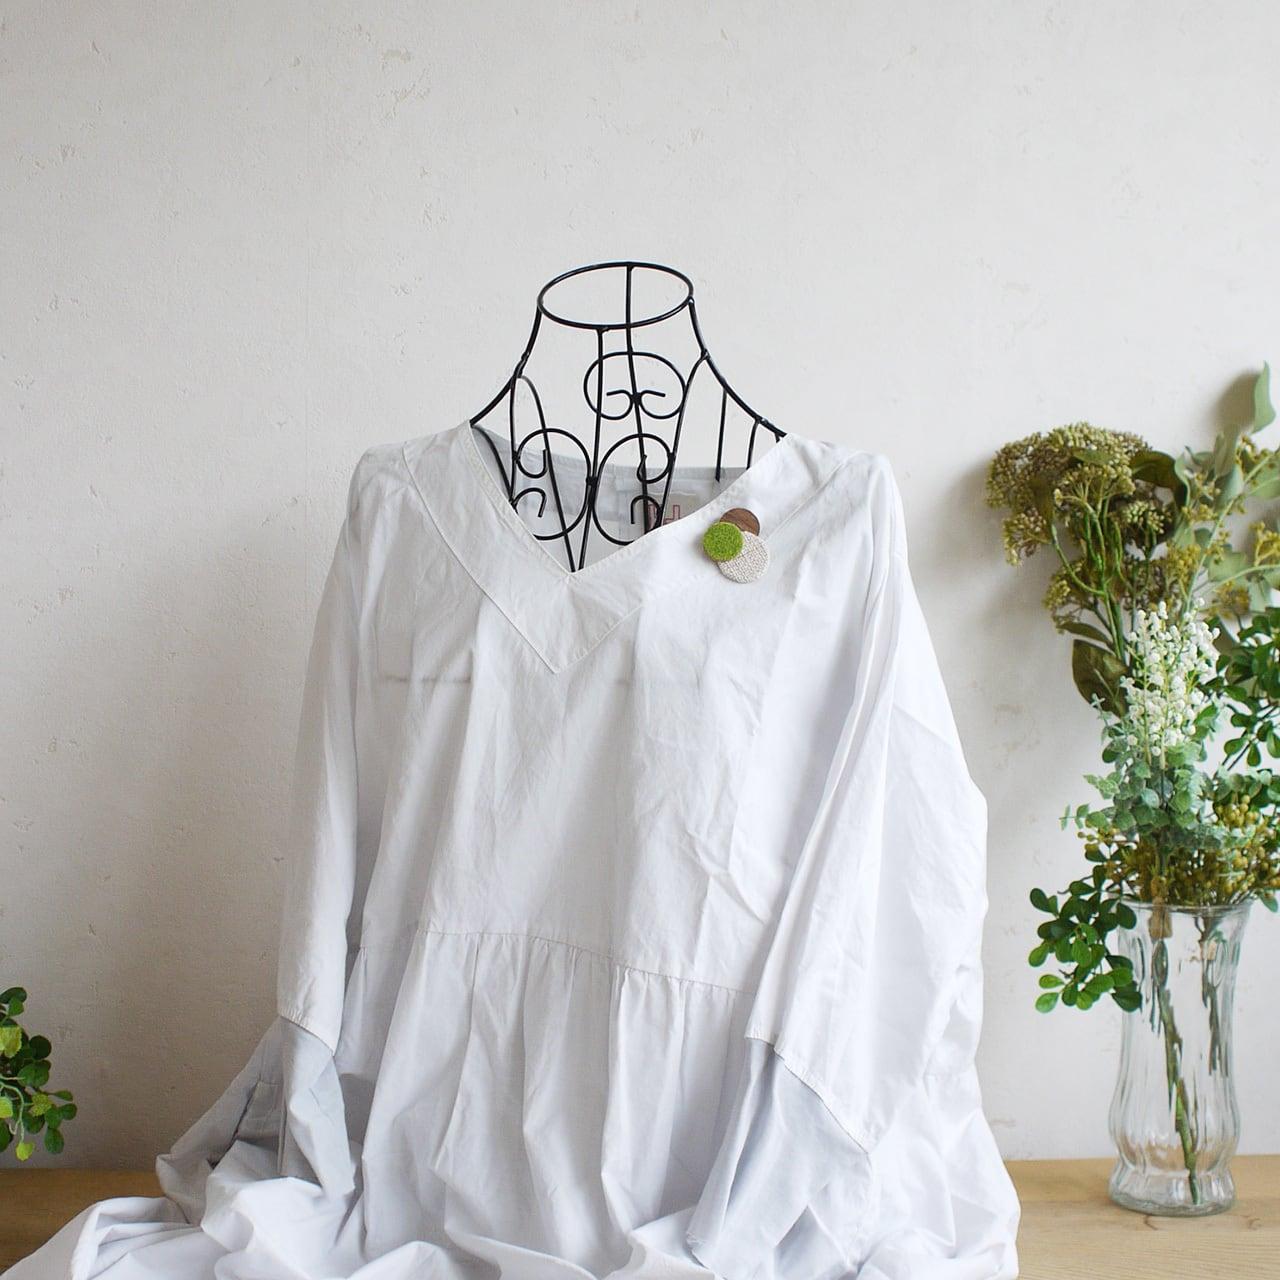 どんなお洋服にも似合う!シンプルフォルム 芝&麻&木のブローチ〈 Dots 〉ピクニック